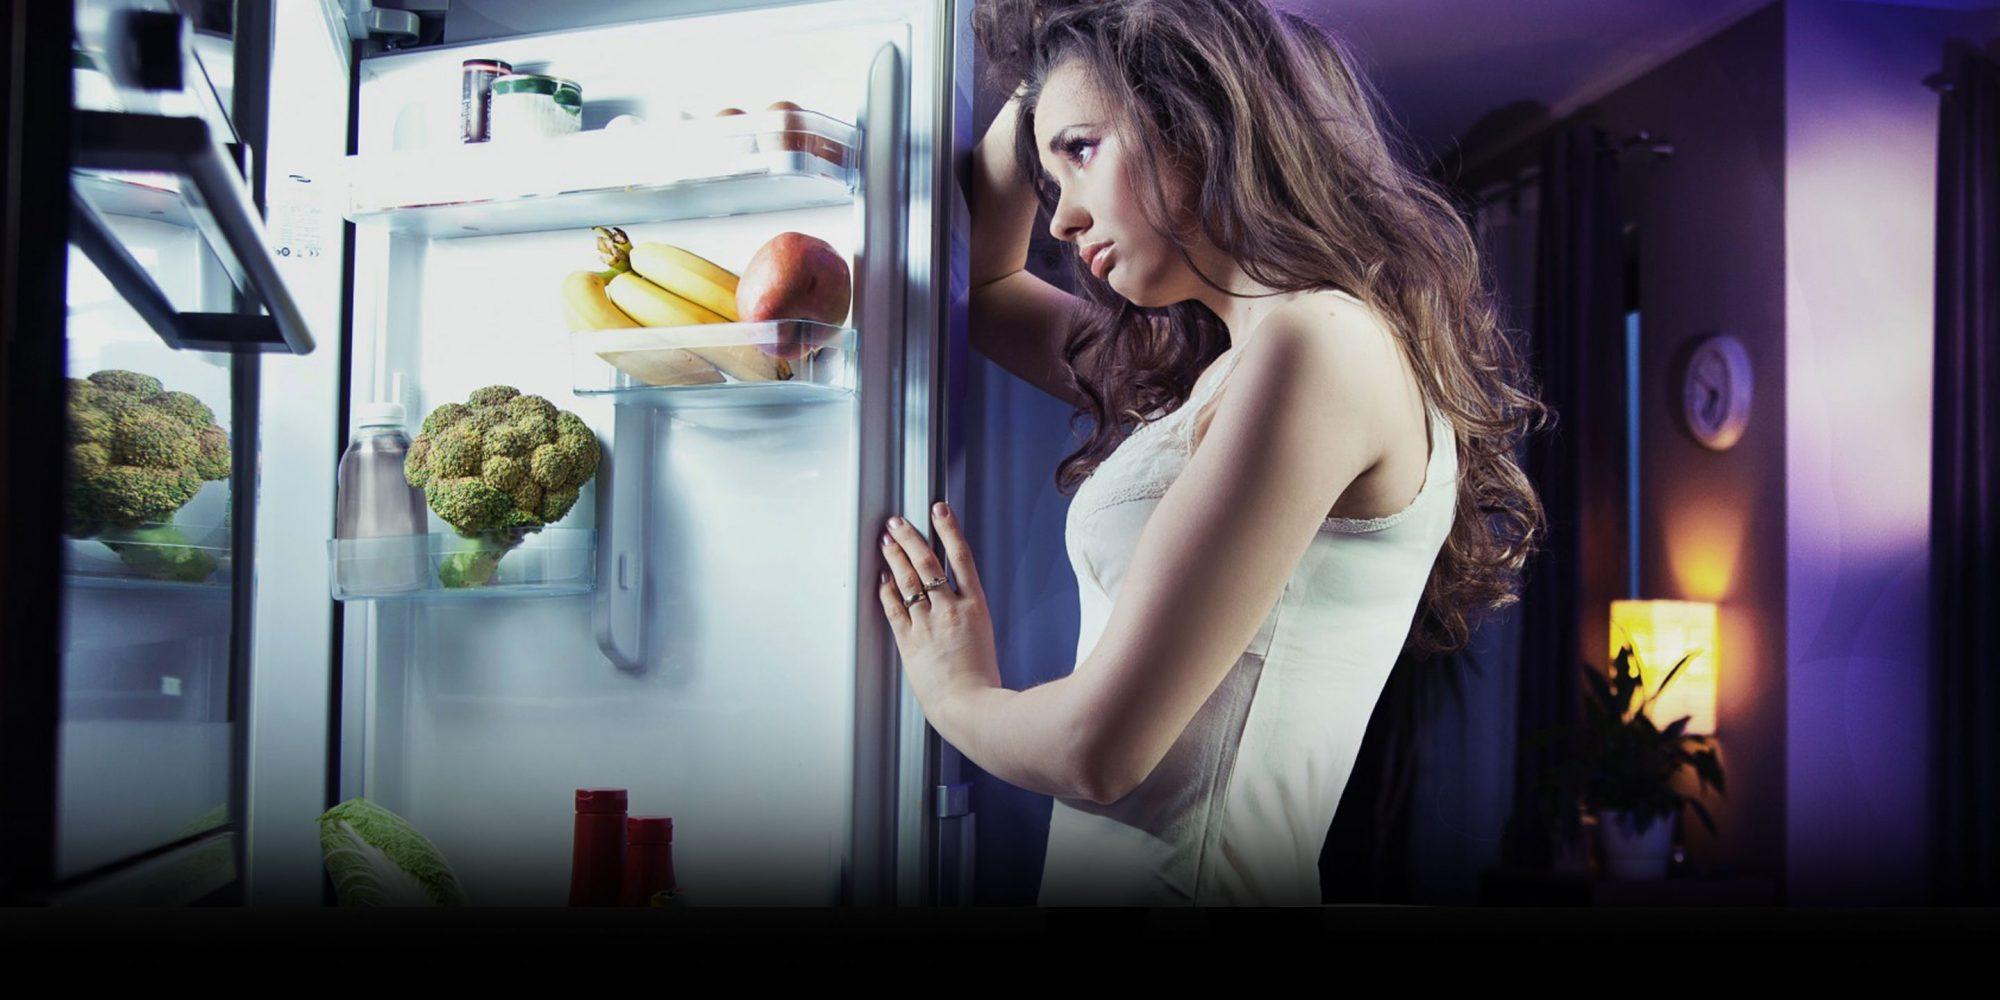 L'impact d'un manque de sommeil sur notre apport alimentaire